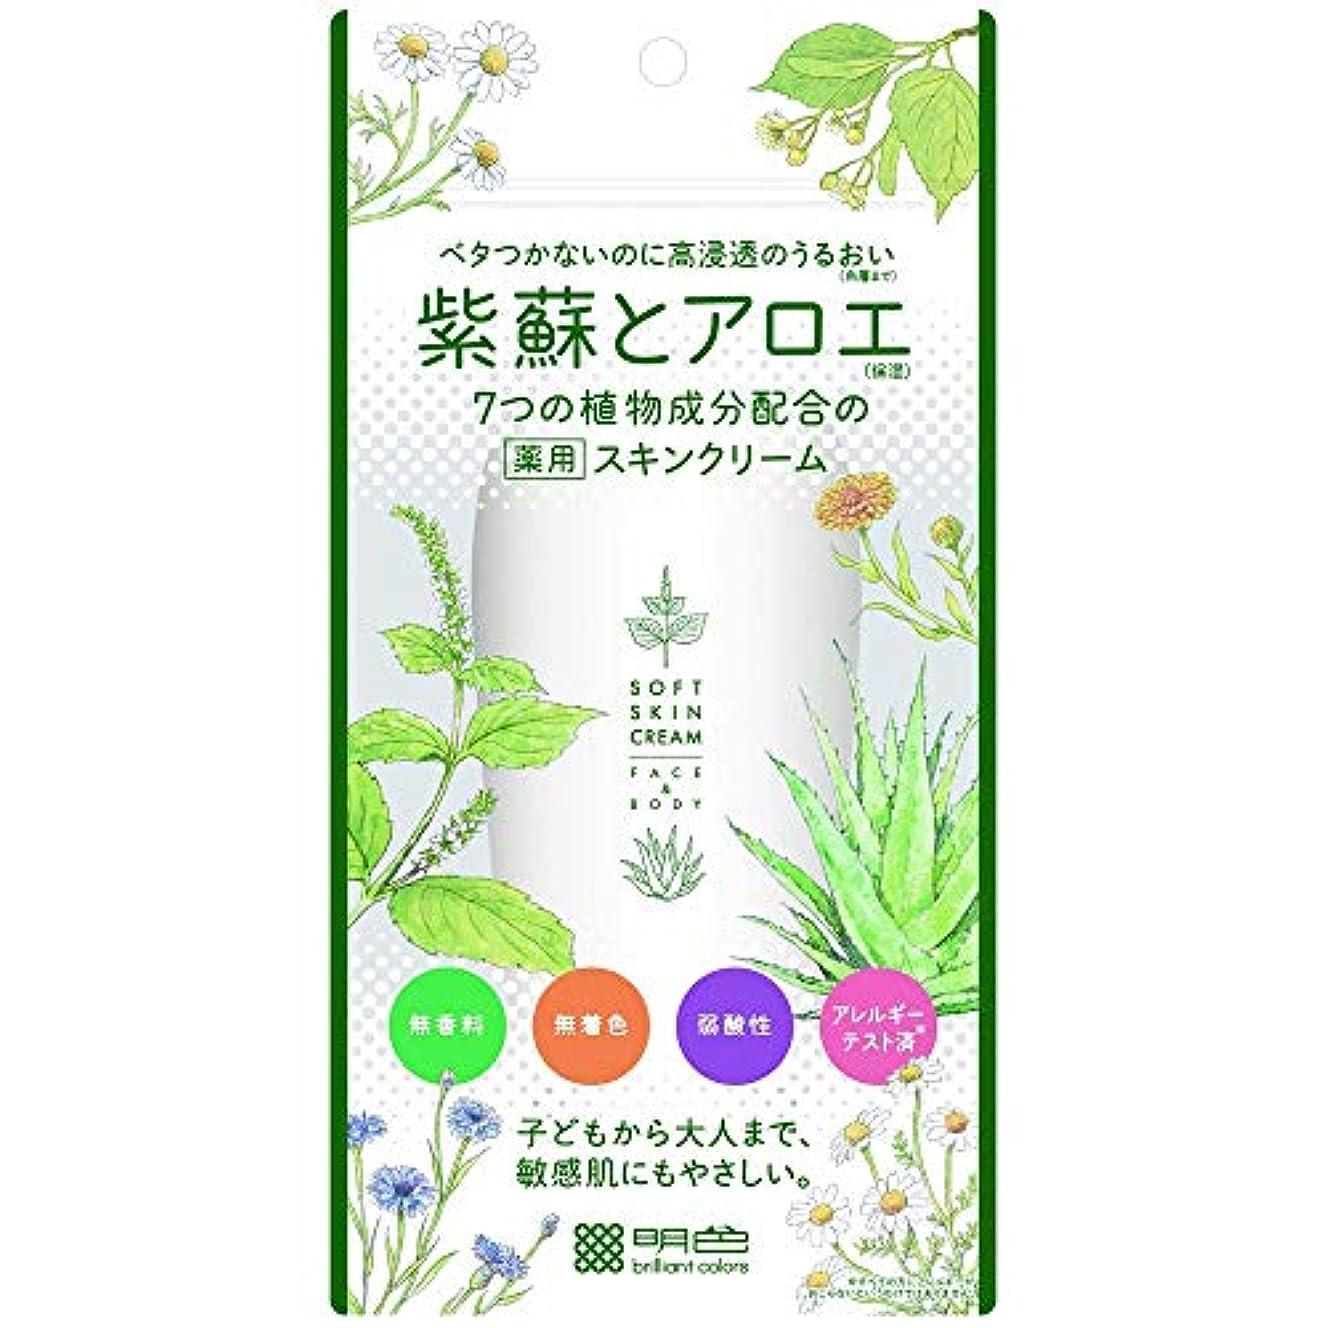 素朴なとして取り囲む【5個セット】紫蘇とアロエ 薬用スキンクリーム 190g